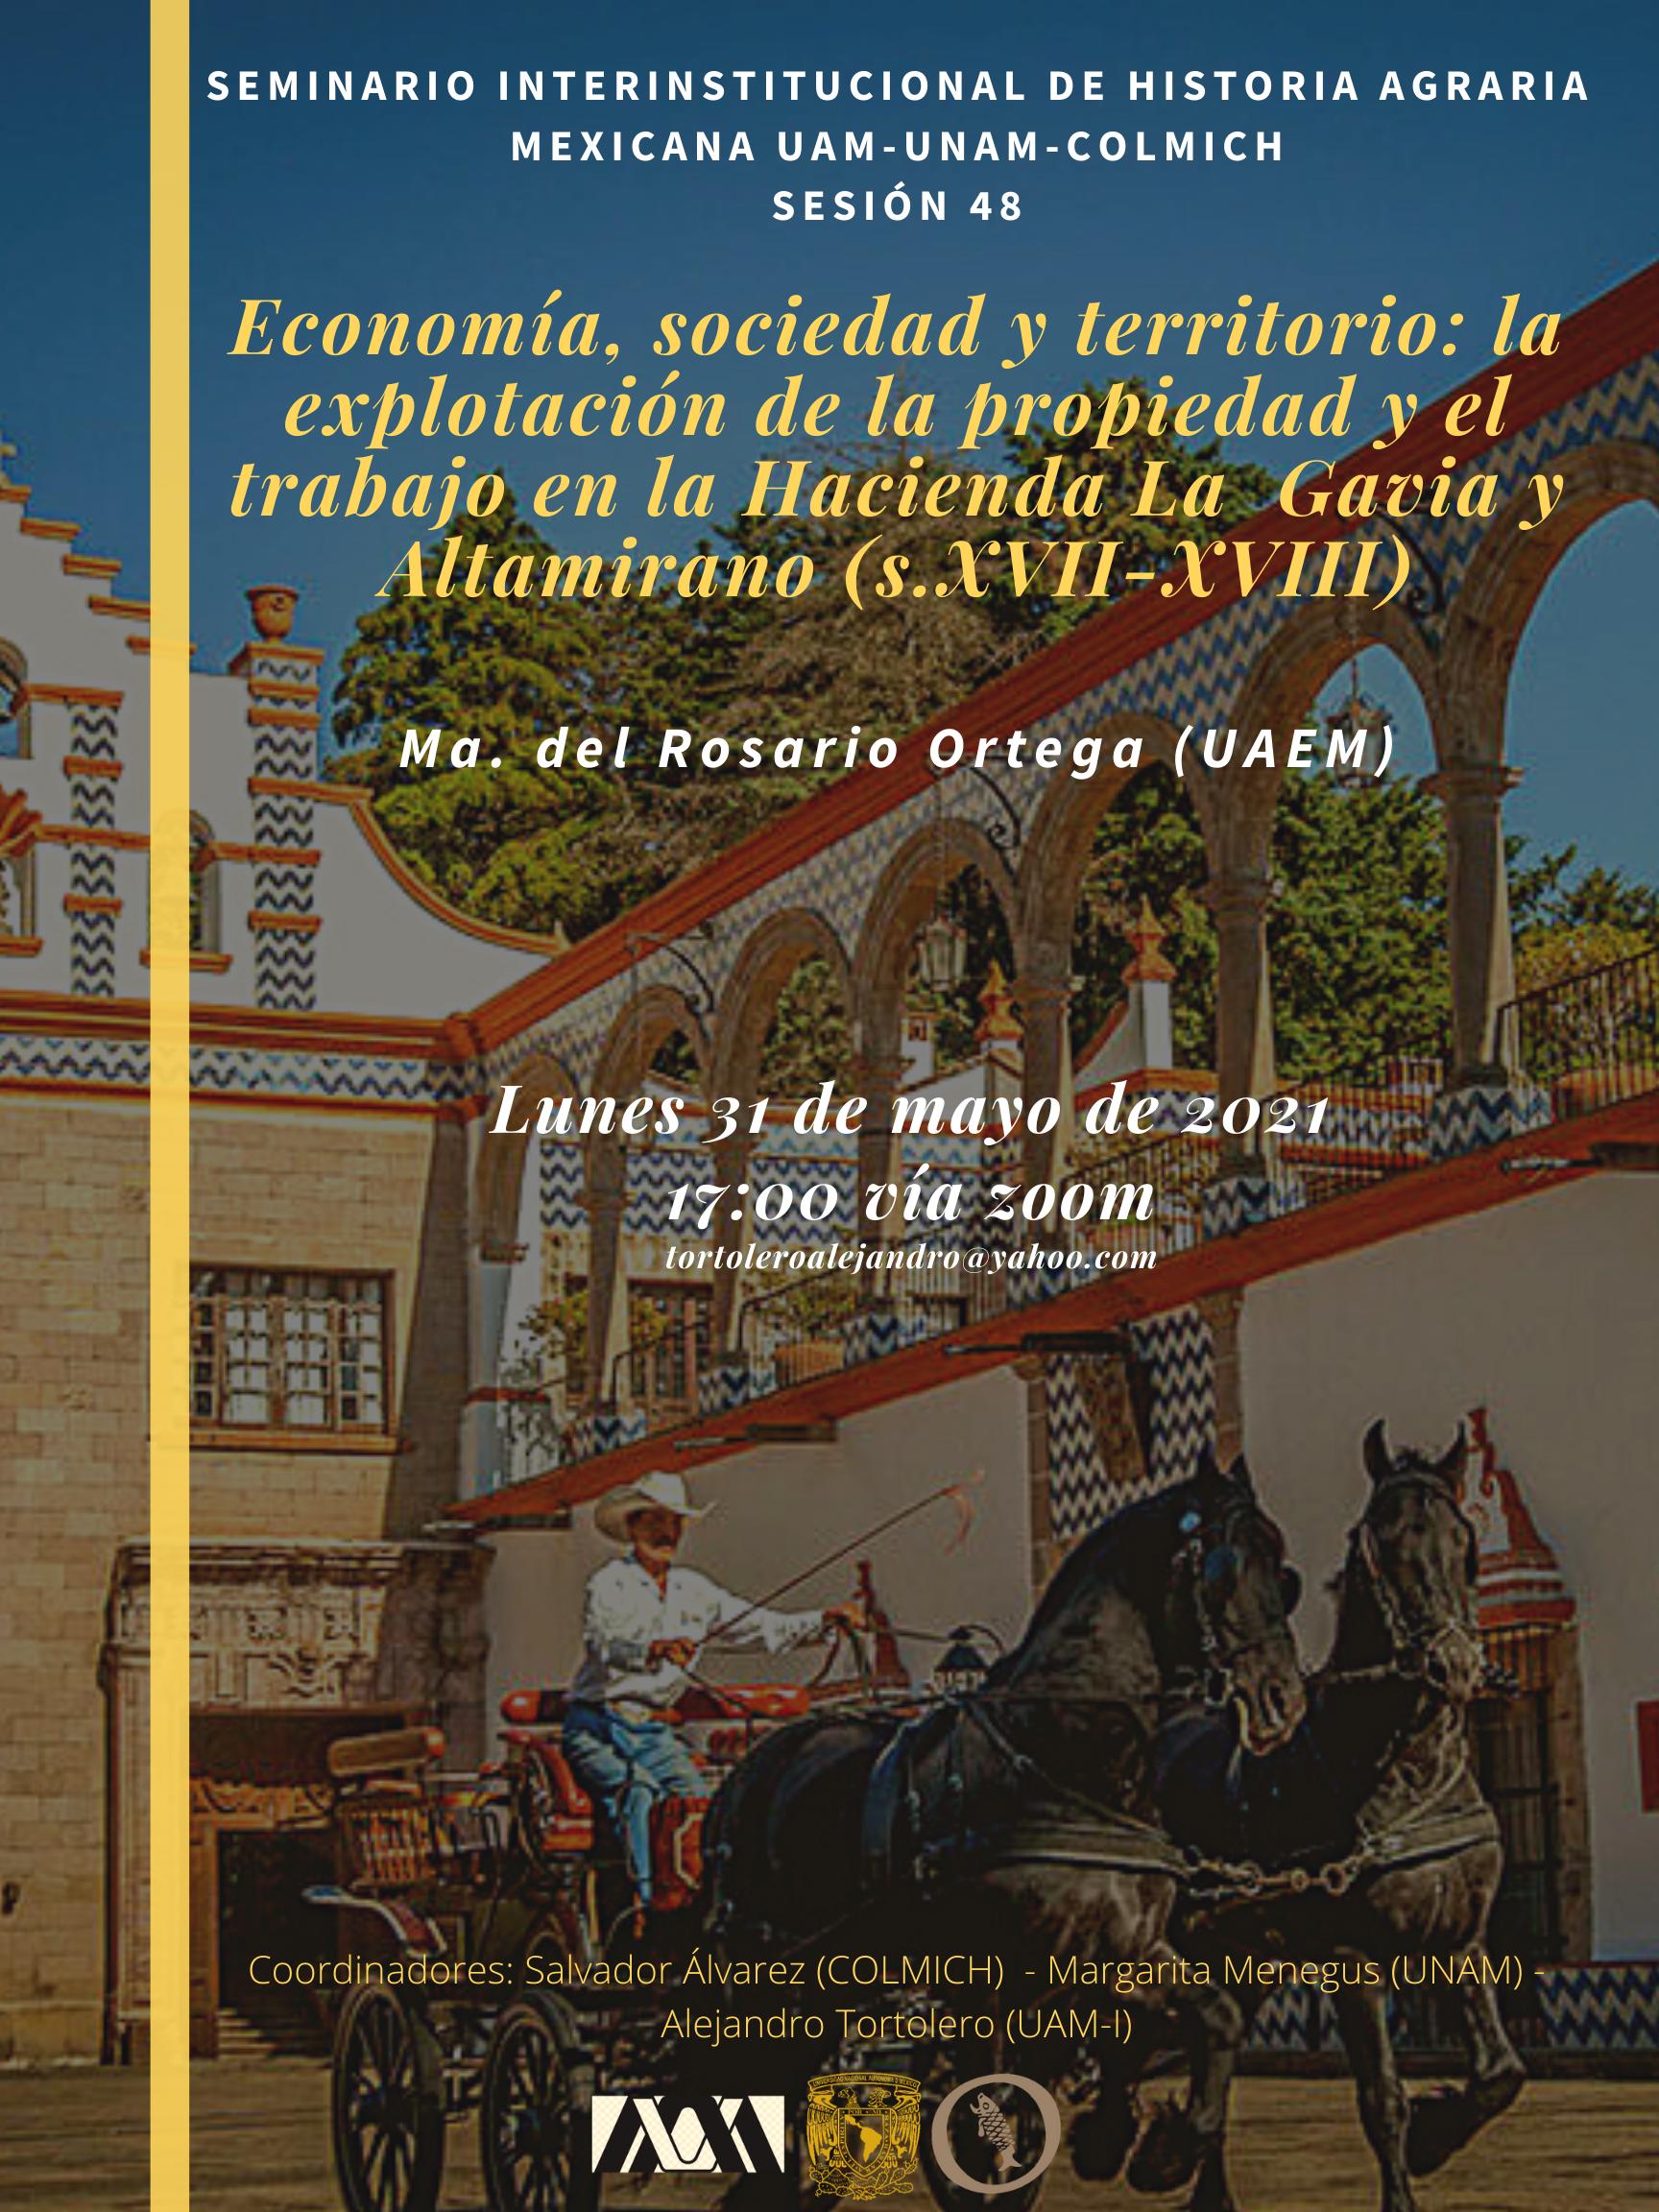 48. Economía, sociedad y territorio la explotación de la propiedad y el trabajo en la Hacienda La Gavia y Altamirano (s.XVII-XVIII)